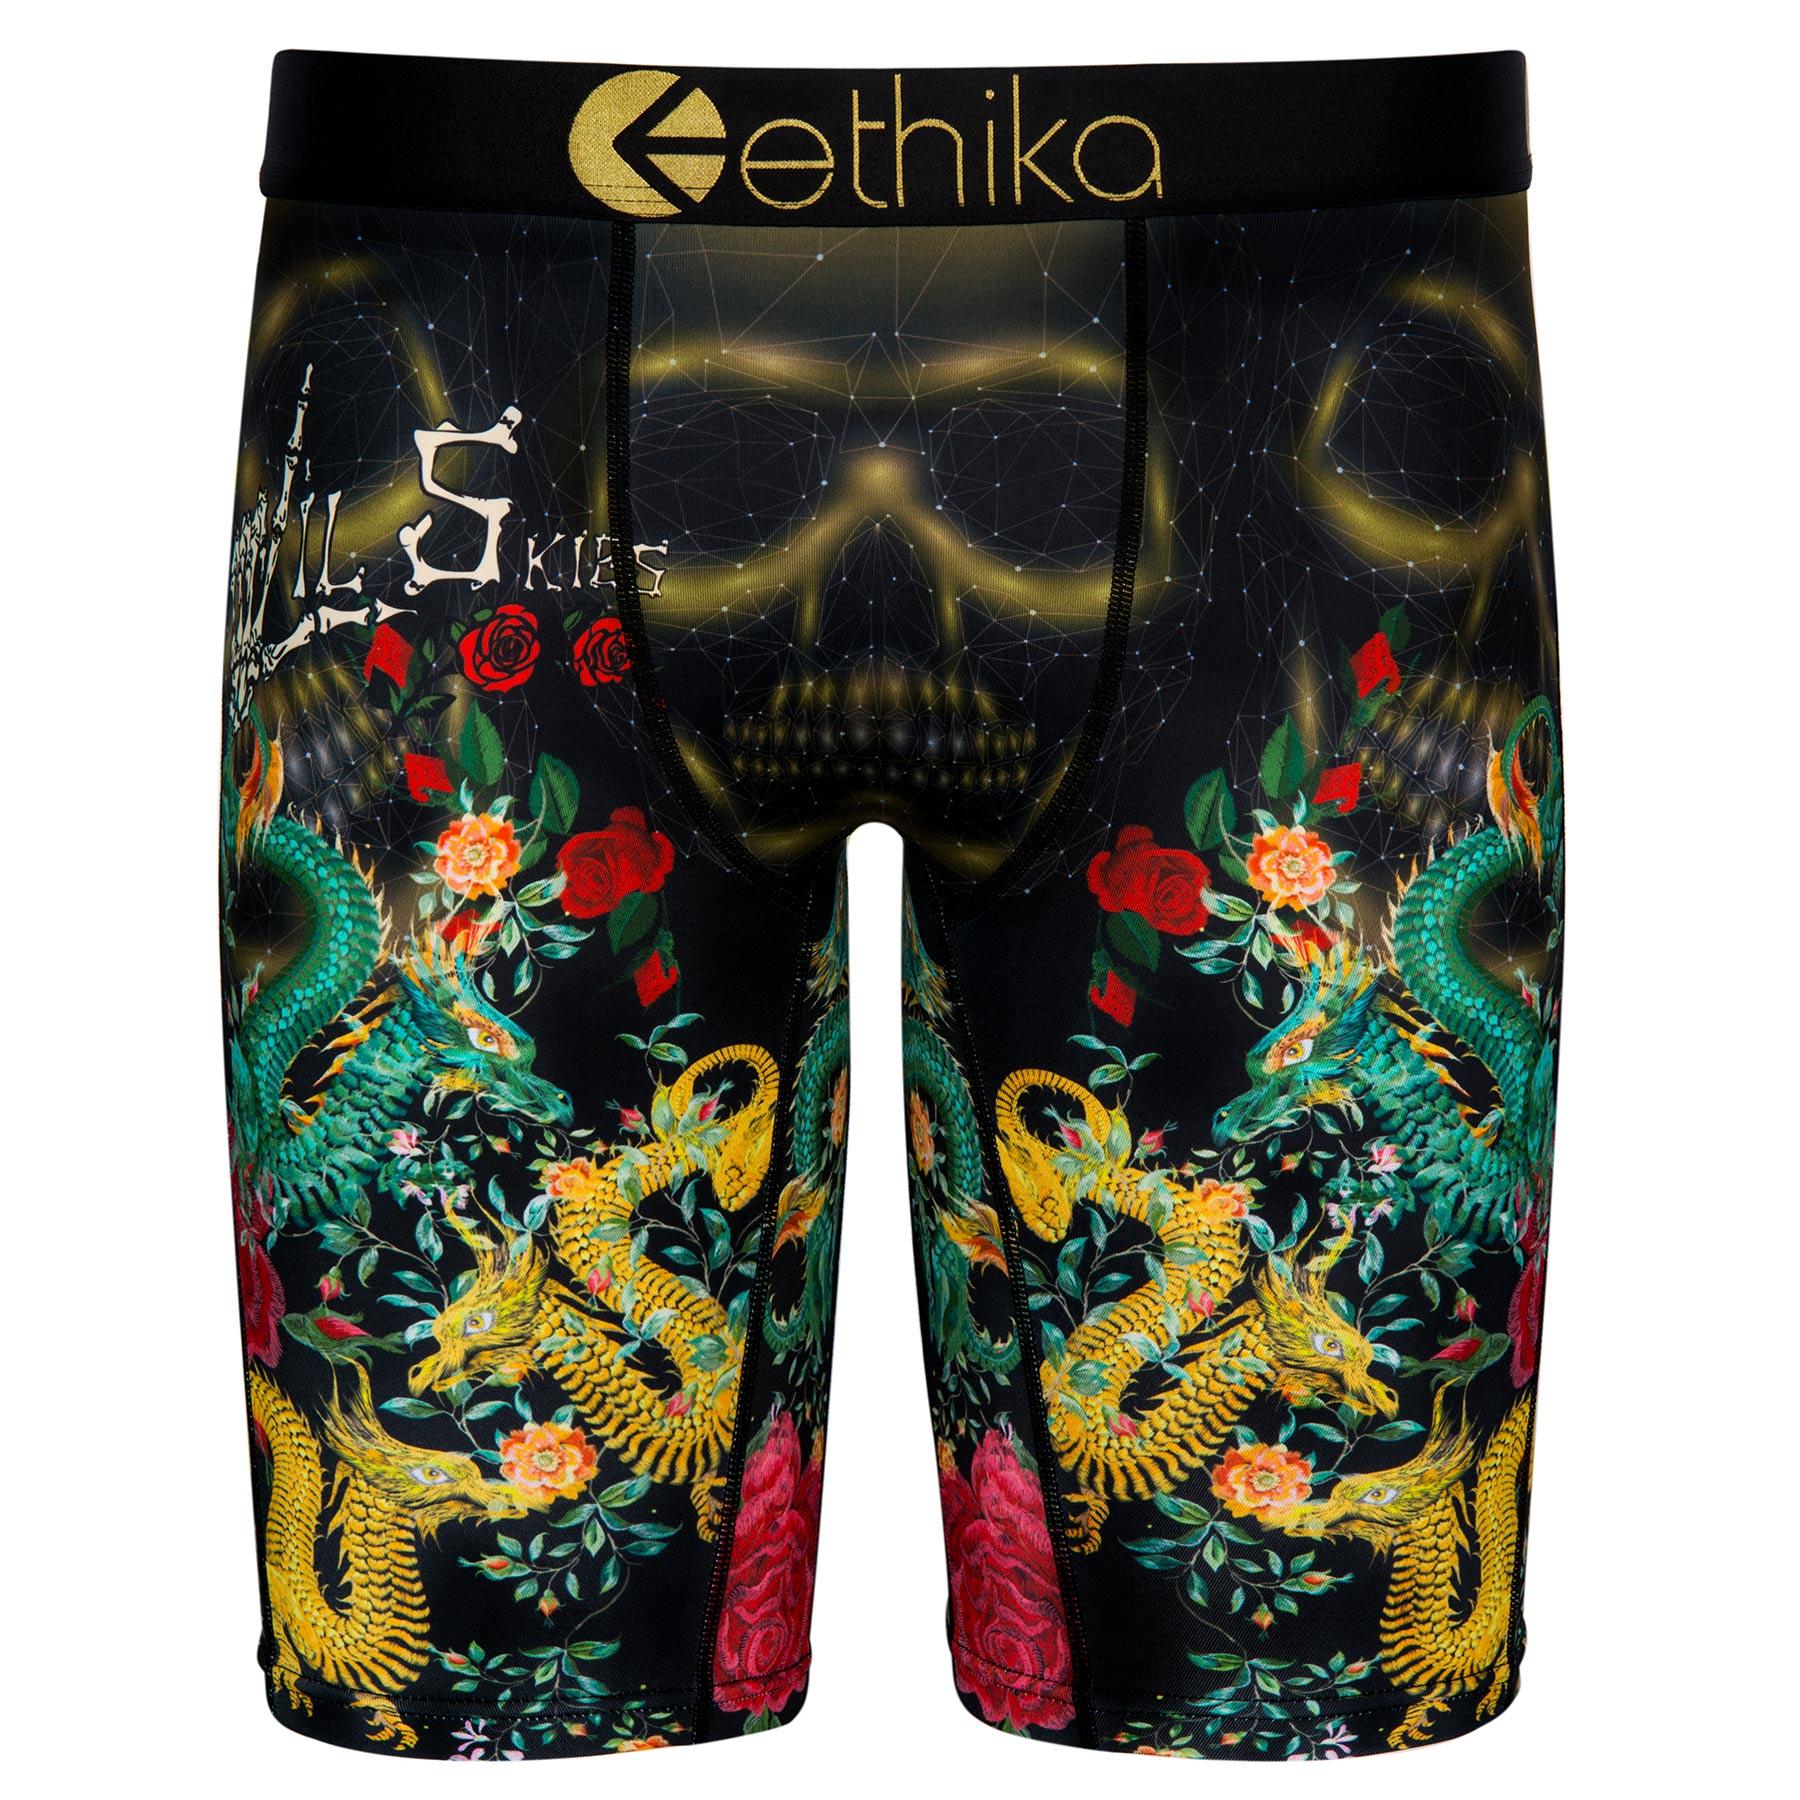 Lil skies garden men   lifestyle underwear the staple rgb mixtape shop ethika also rh